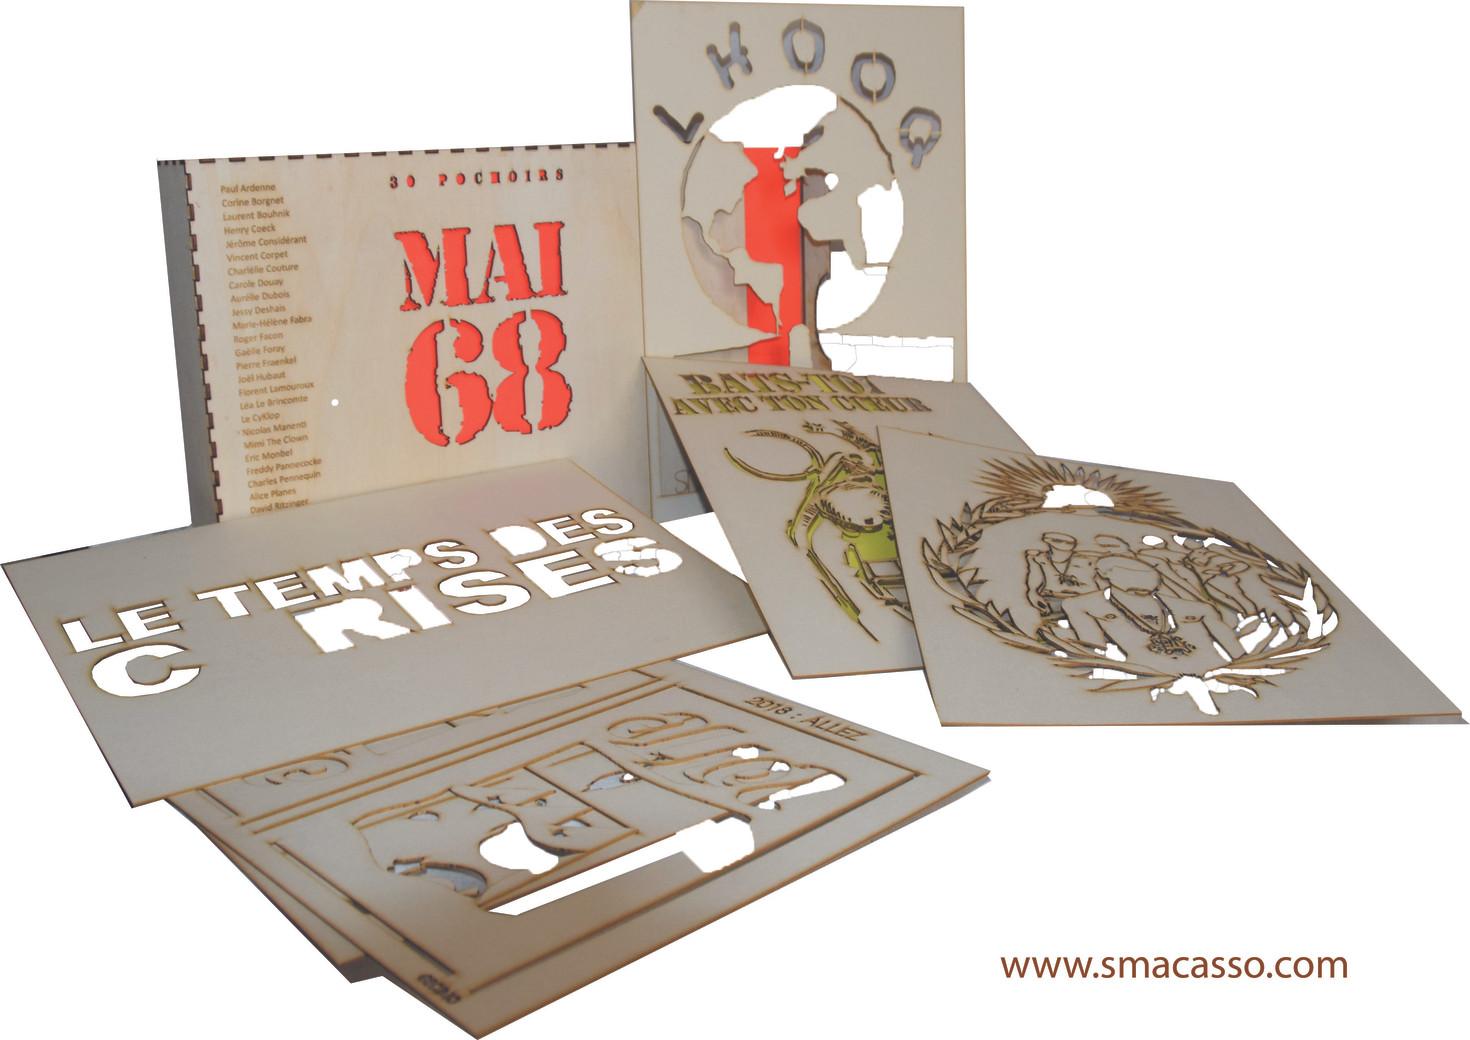 Image: www.smacasso.com